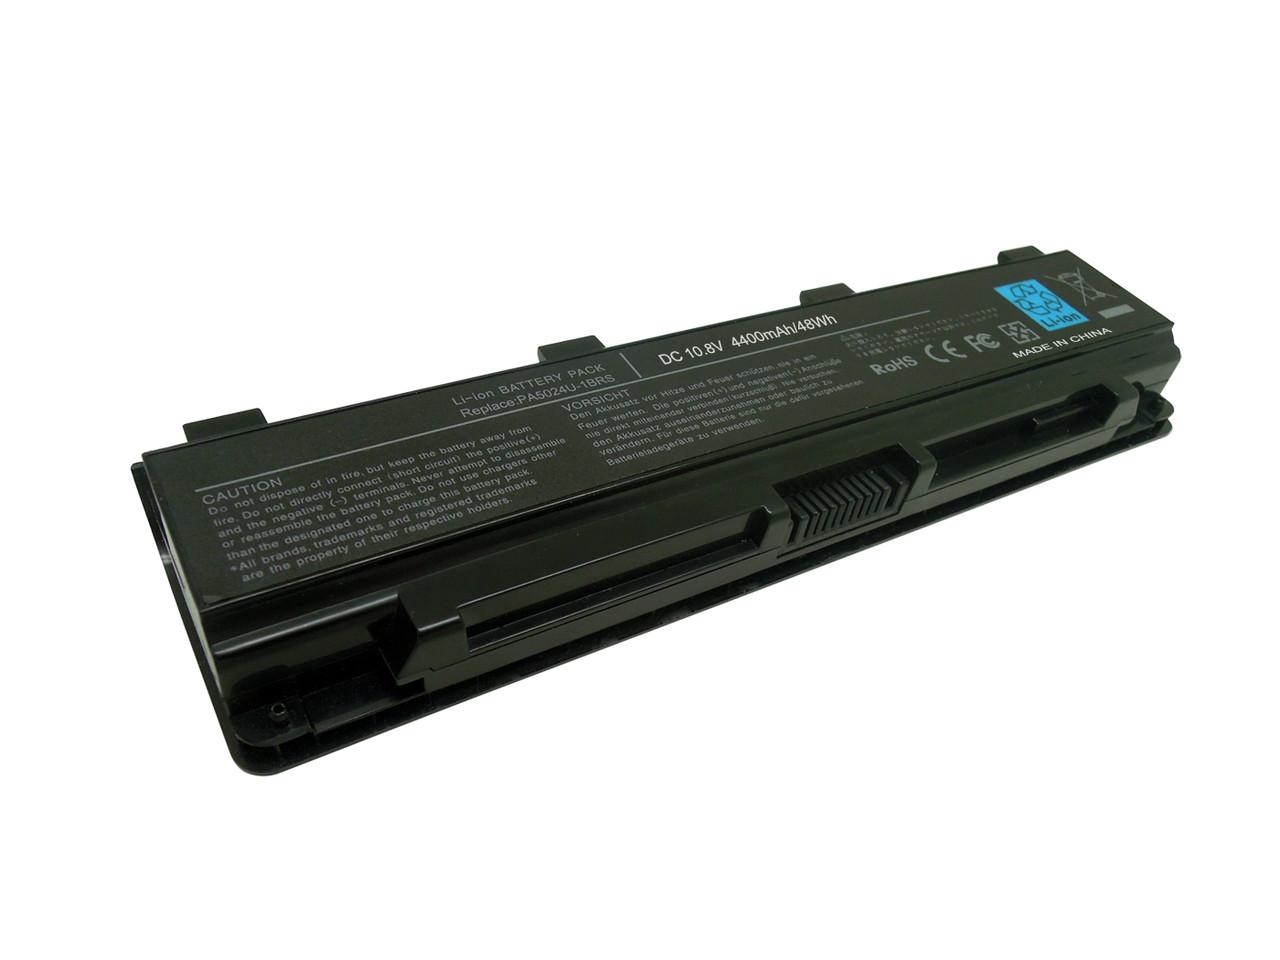 Аккумулятор для ноутбука TOSHIBA SATELLITE L850-ST3N02